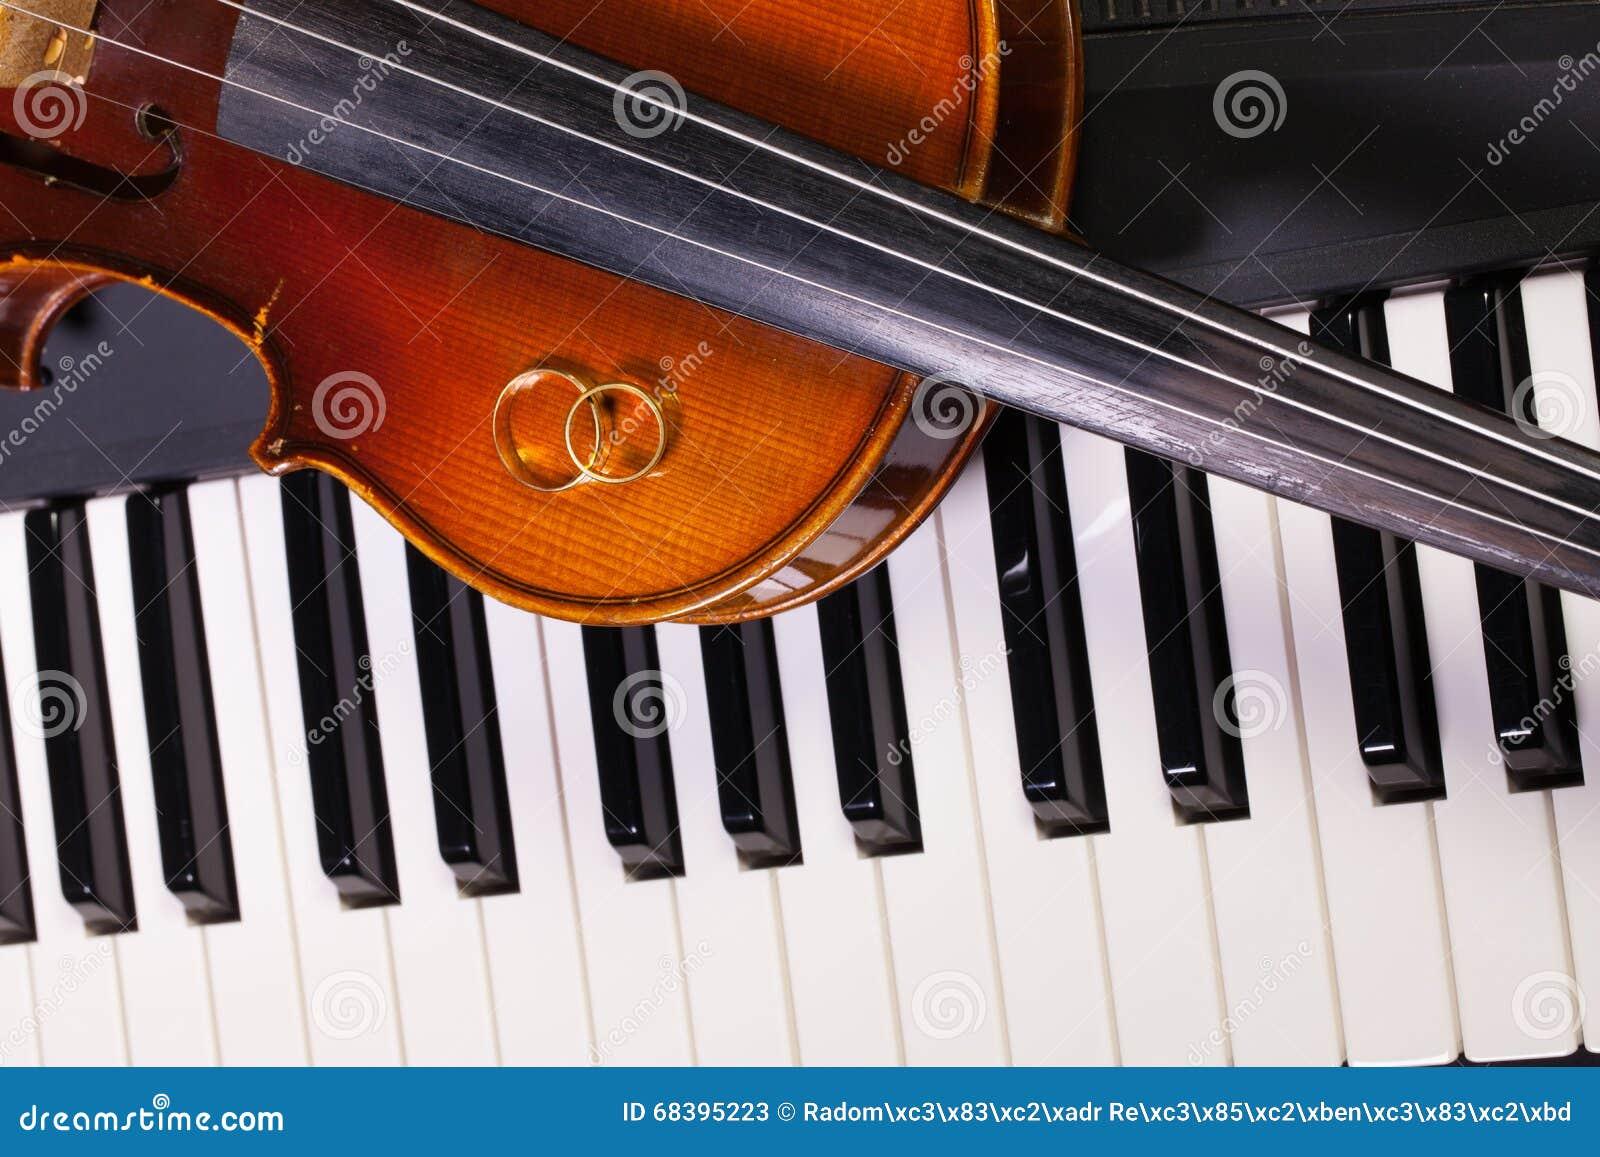 clavier de piano vieux violon et anneaux de mariage image. Black Bedroom Furniture Sets. Home Design Ideas